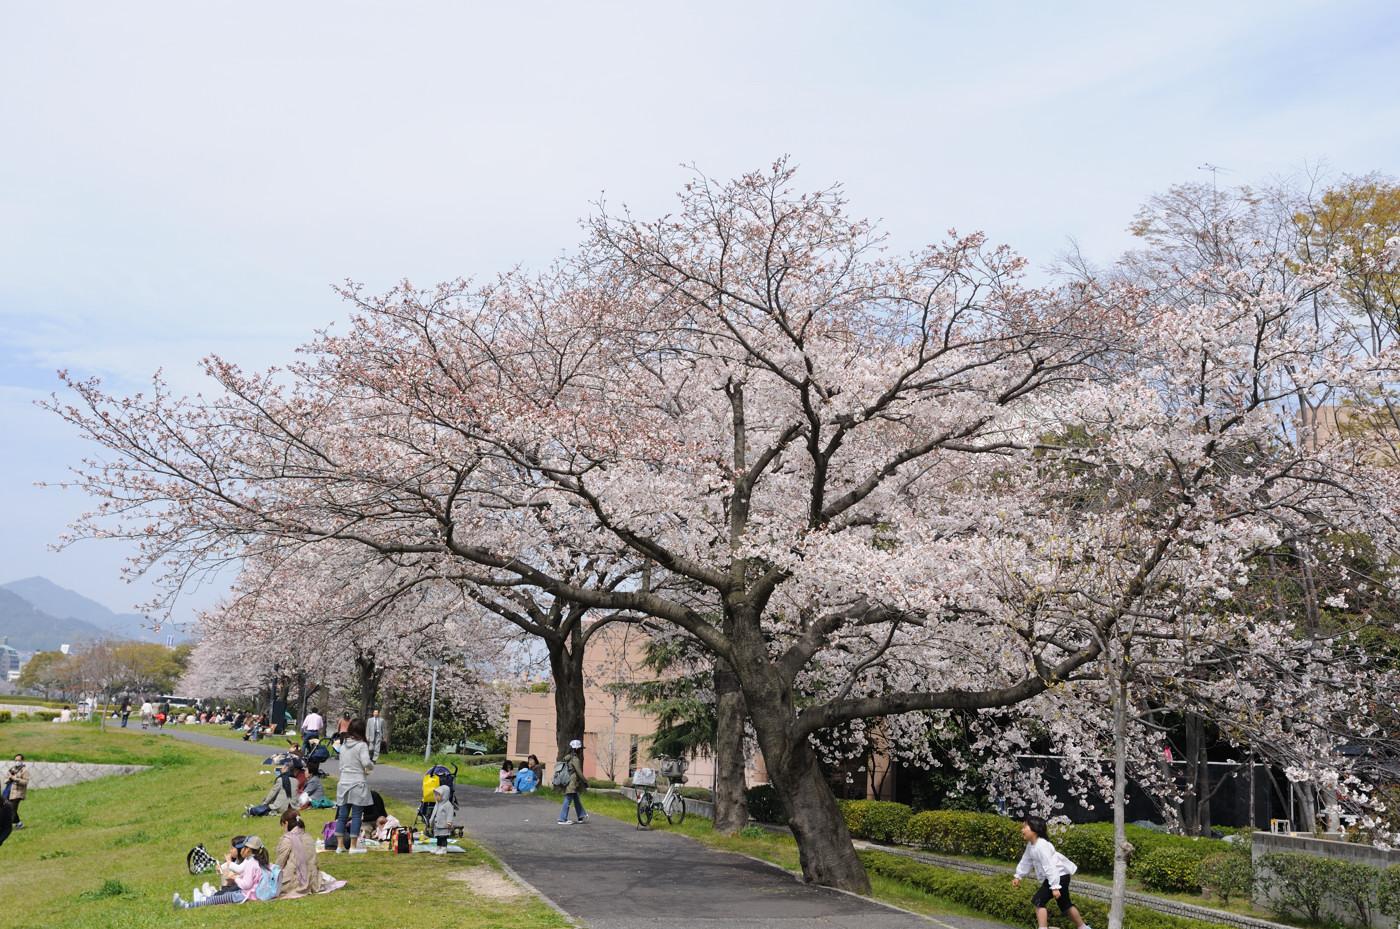 大きな桜の木です